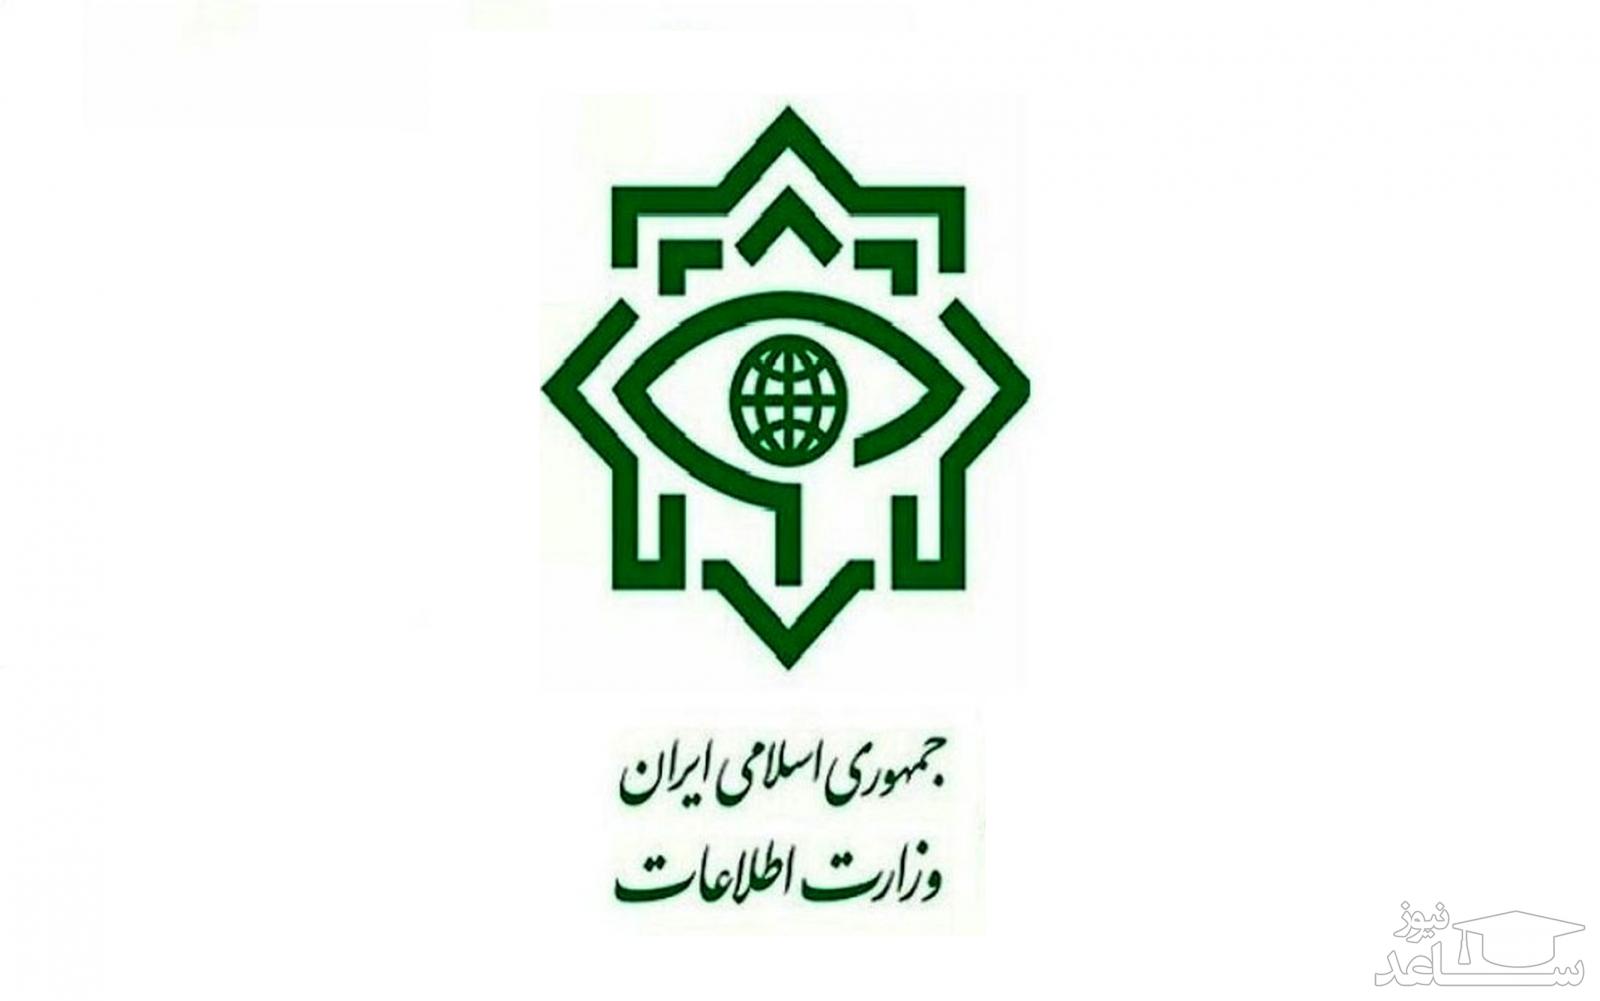 آقای احمدینژاد روند روان درمانی و توهم زدایی خود را پیگیری کنید